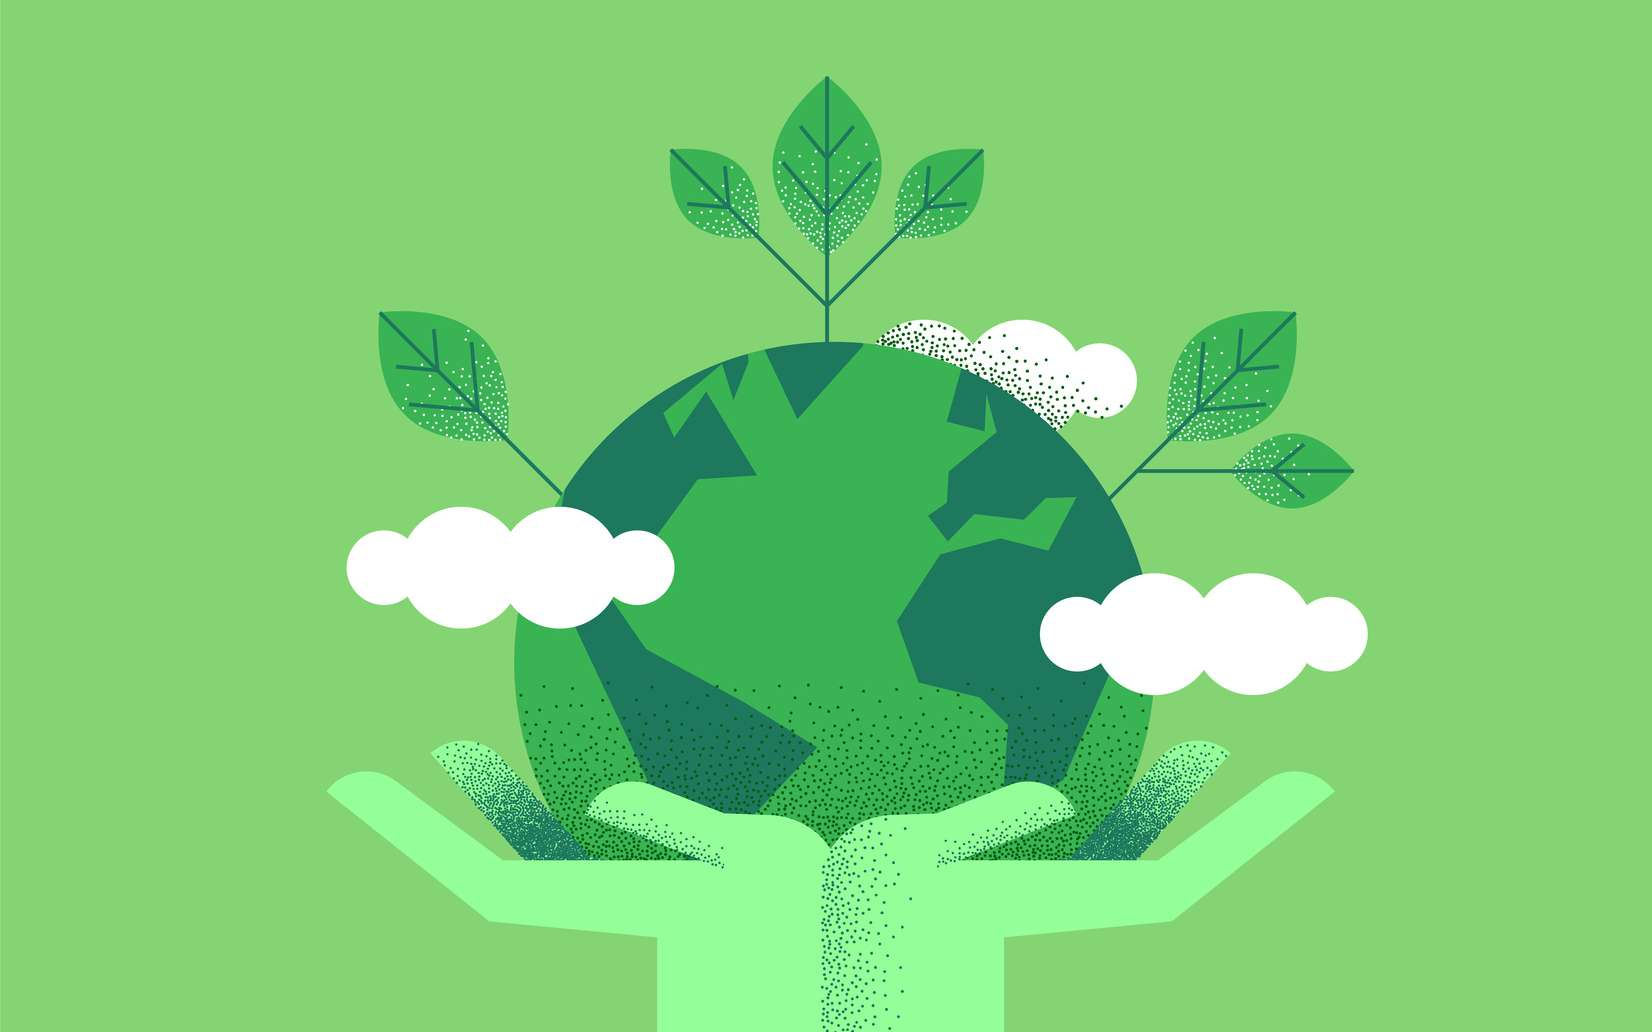 Changer ses ampoules ou trier ses poubelles : des petits gestes bienvenus mais pas très significatifs pour réduire notre empreinte carbone. © cienpiesnf, Fotolia